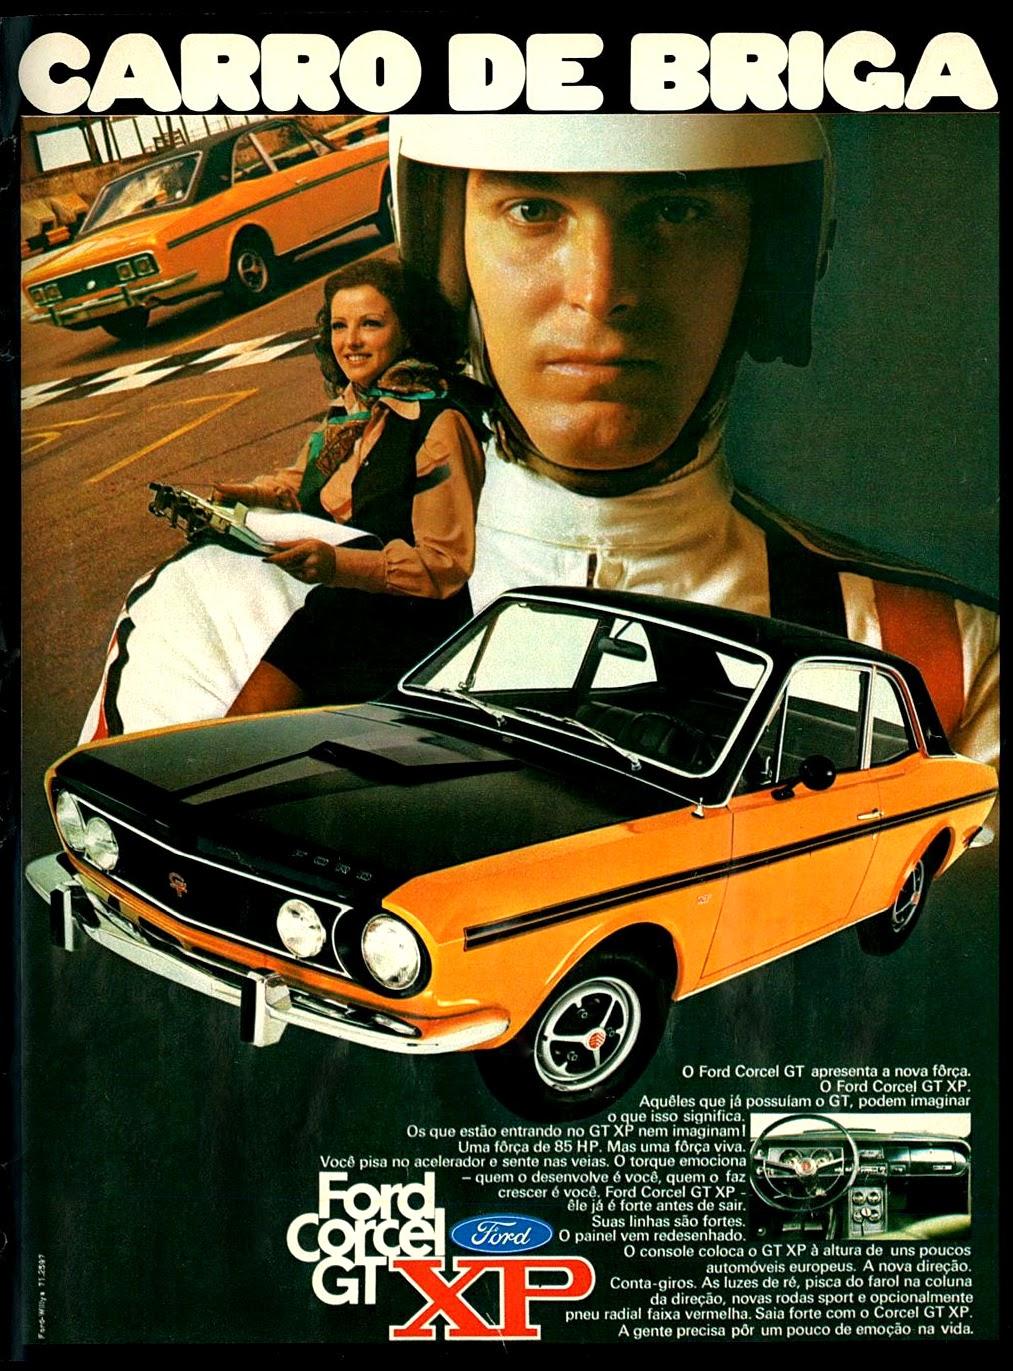 Ford. 1971; brazilian advertising cars in the 70s; os anos 70; história da década de 70; Brazil in the 70s; propaganda carros anos 70; Oswaldo Hernandez;